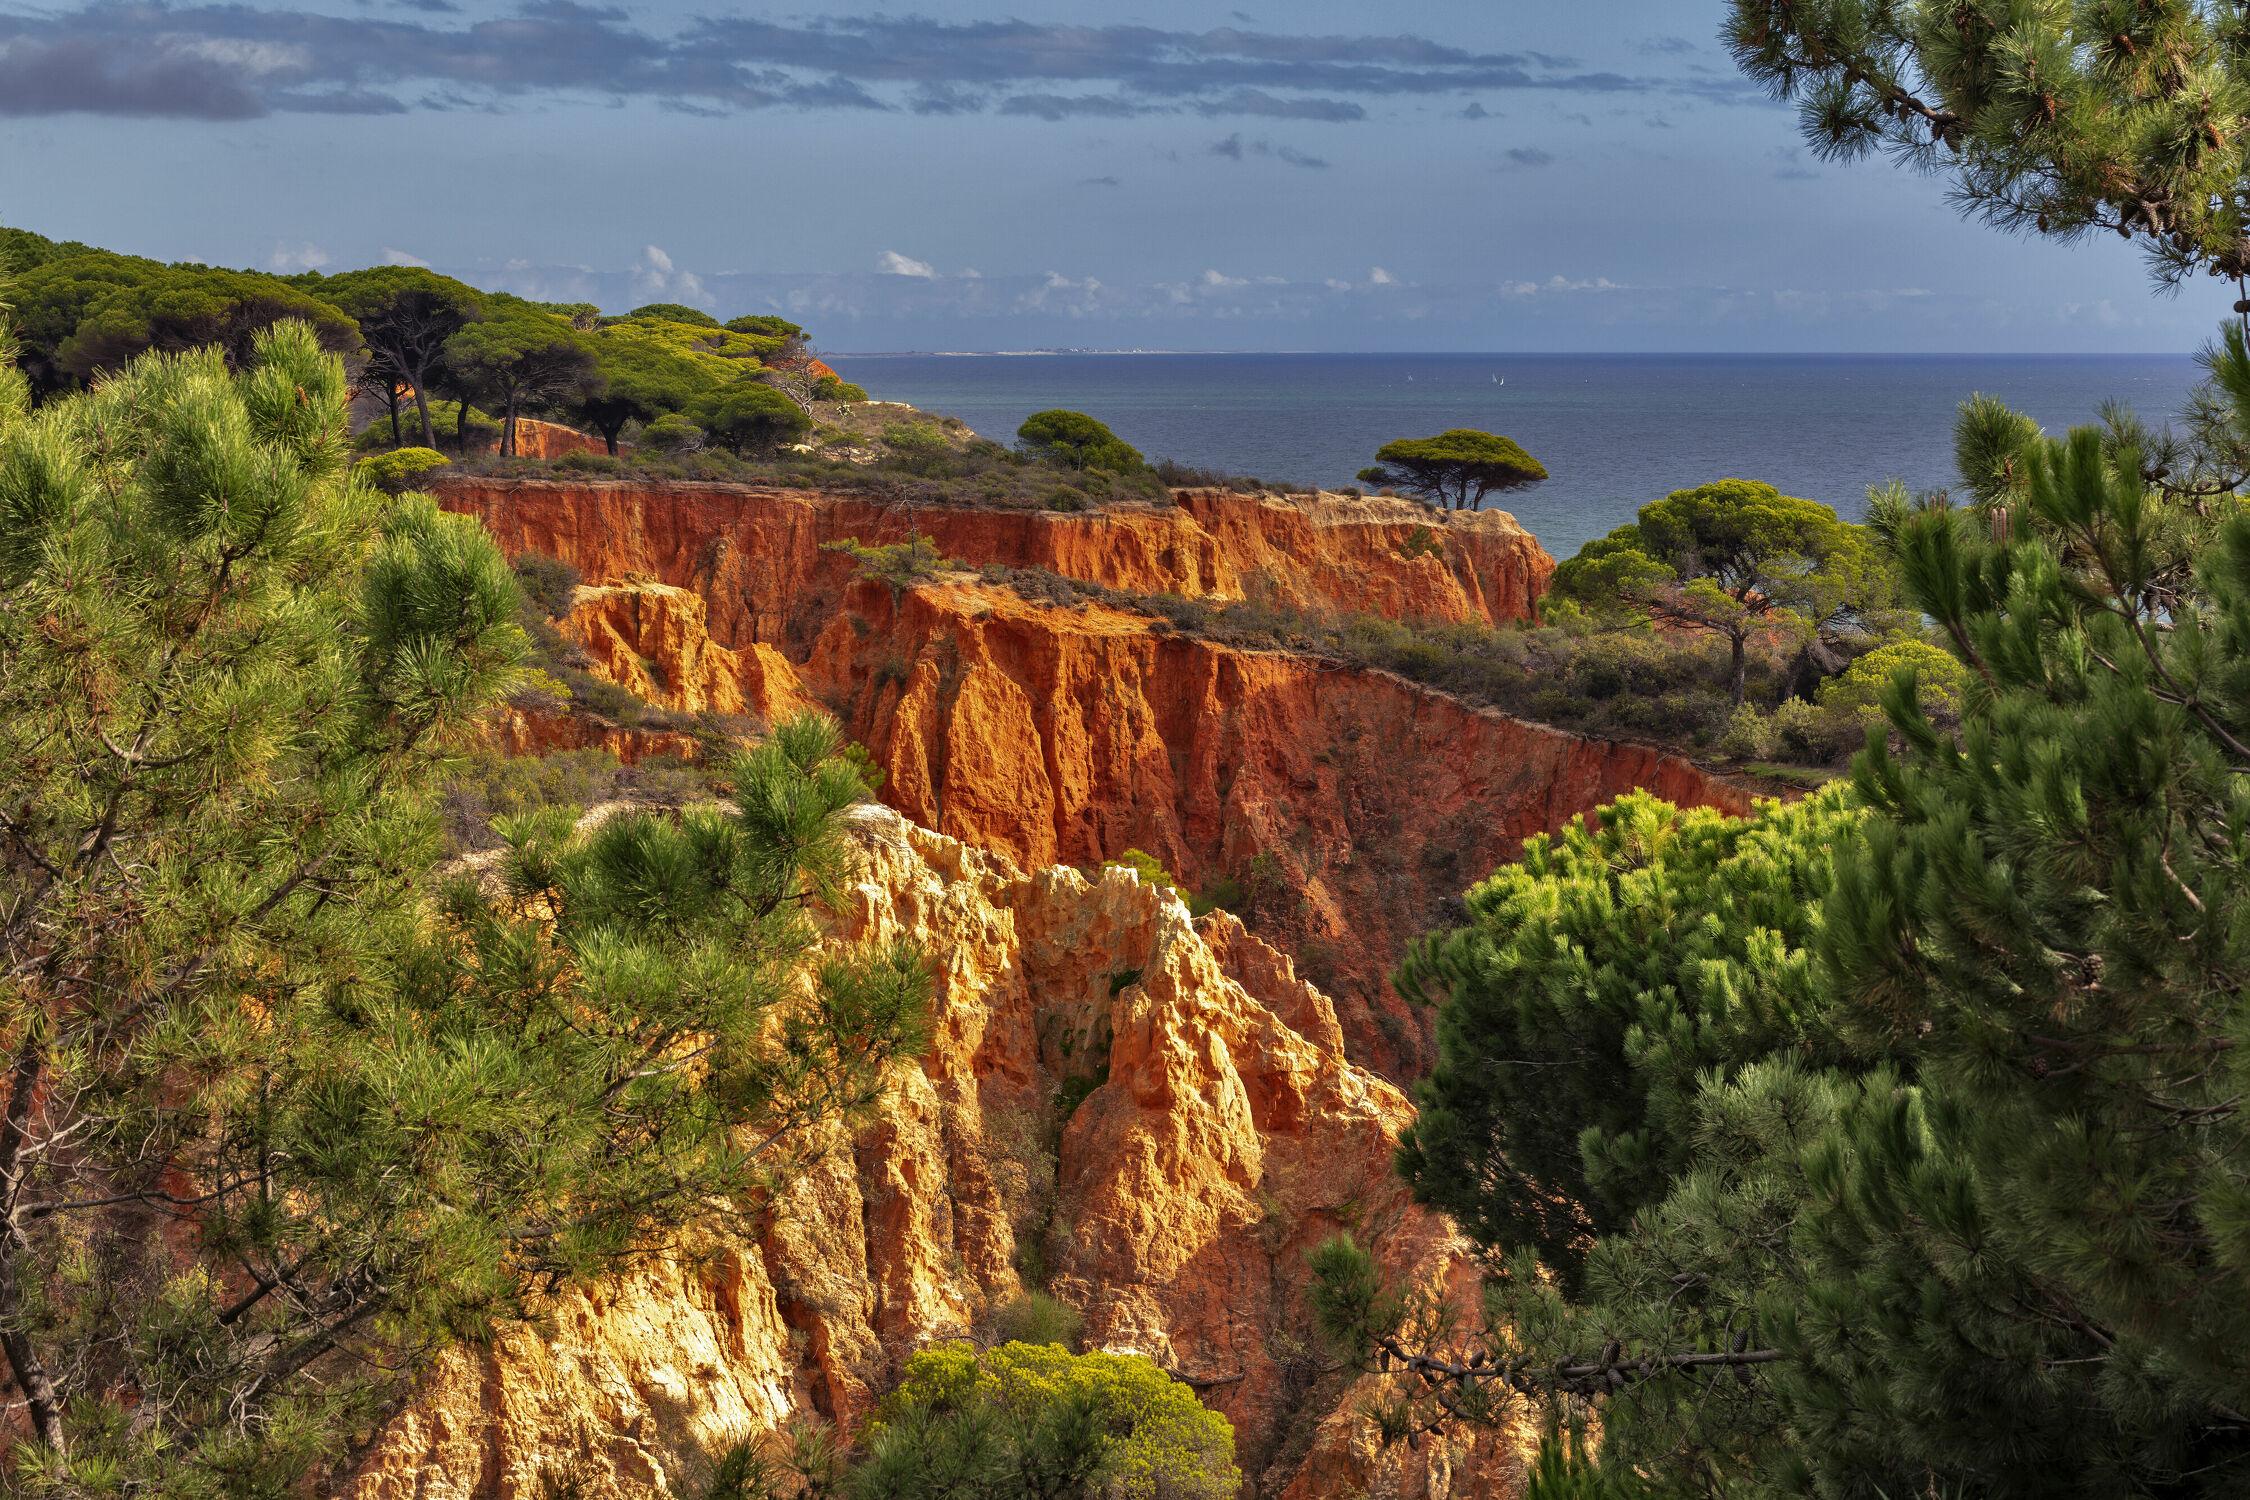 Bild mit Bäume, Felsen, Mittelmeer, Felsenküste, Portugal, Pinienbäume, Rotsandstein, Algarve, Falesia, Albufeira